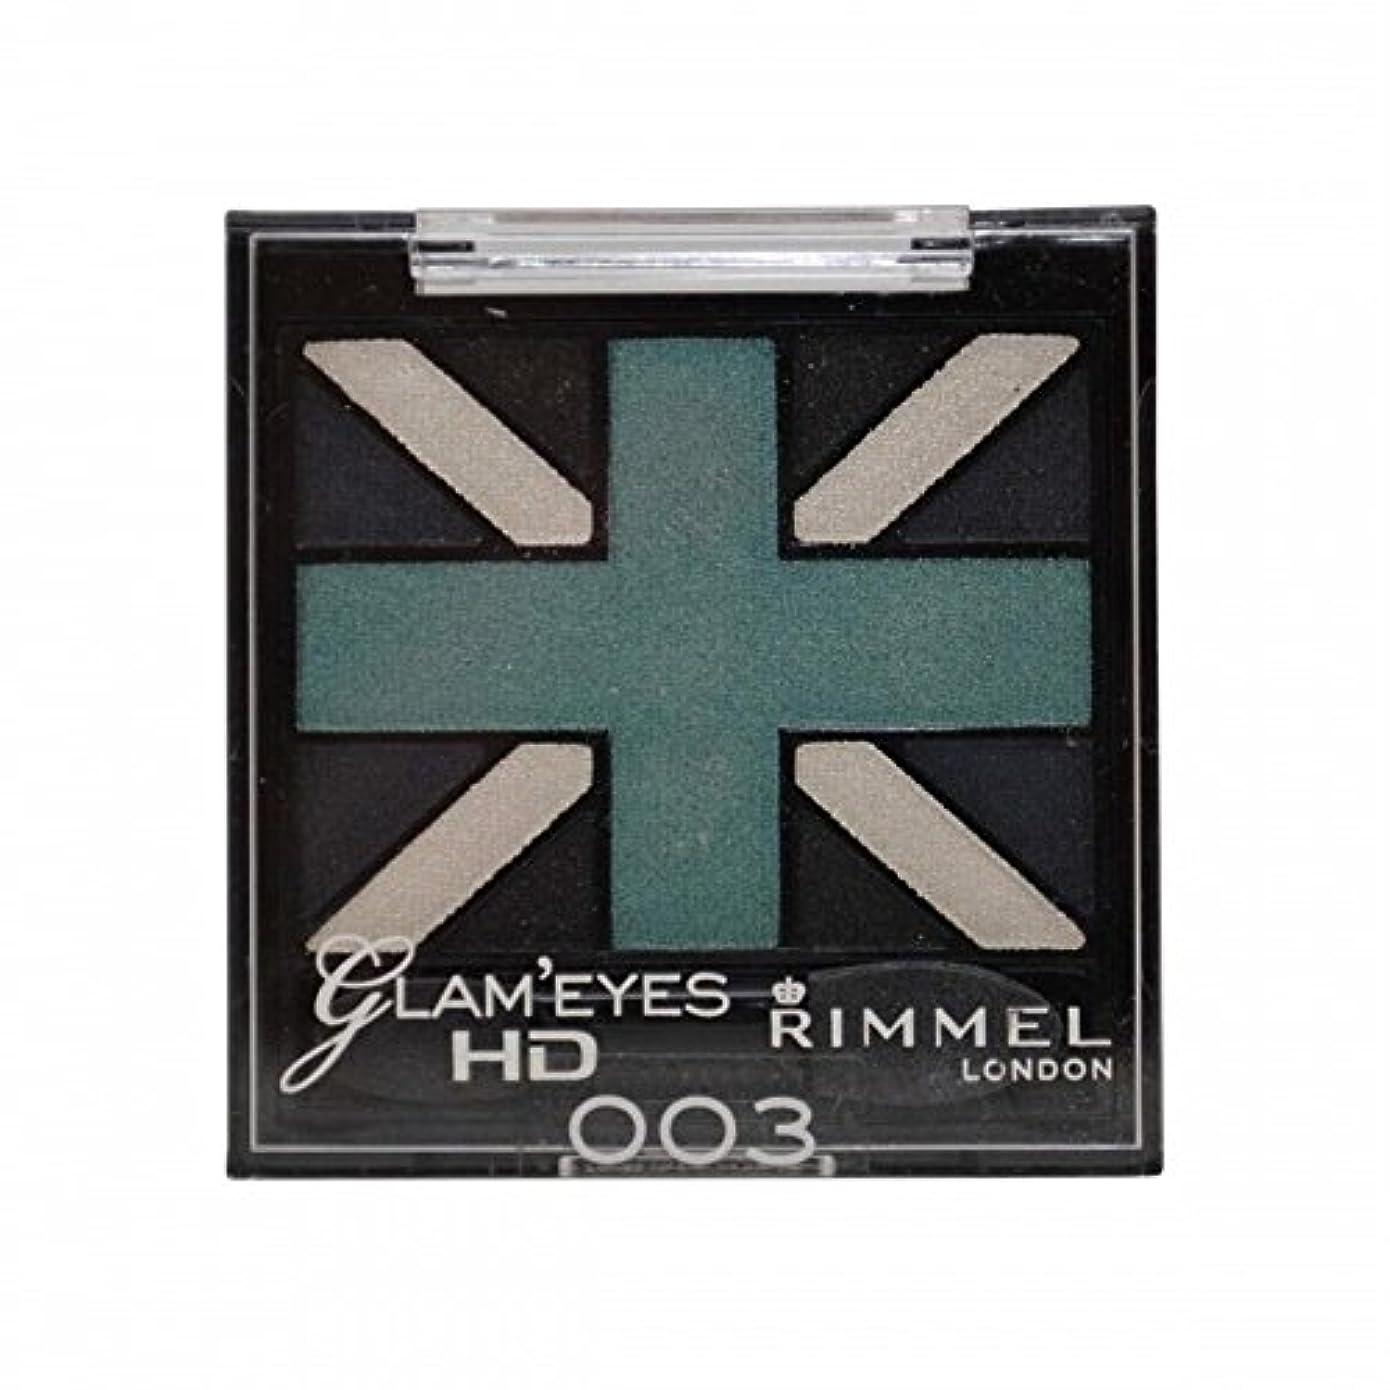 ロードハウスに負ける時期尚早RIMMEL LONDON Glam'Eyes HD Eyeshadows Royal Blue (並行輸入品)